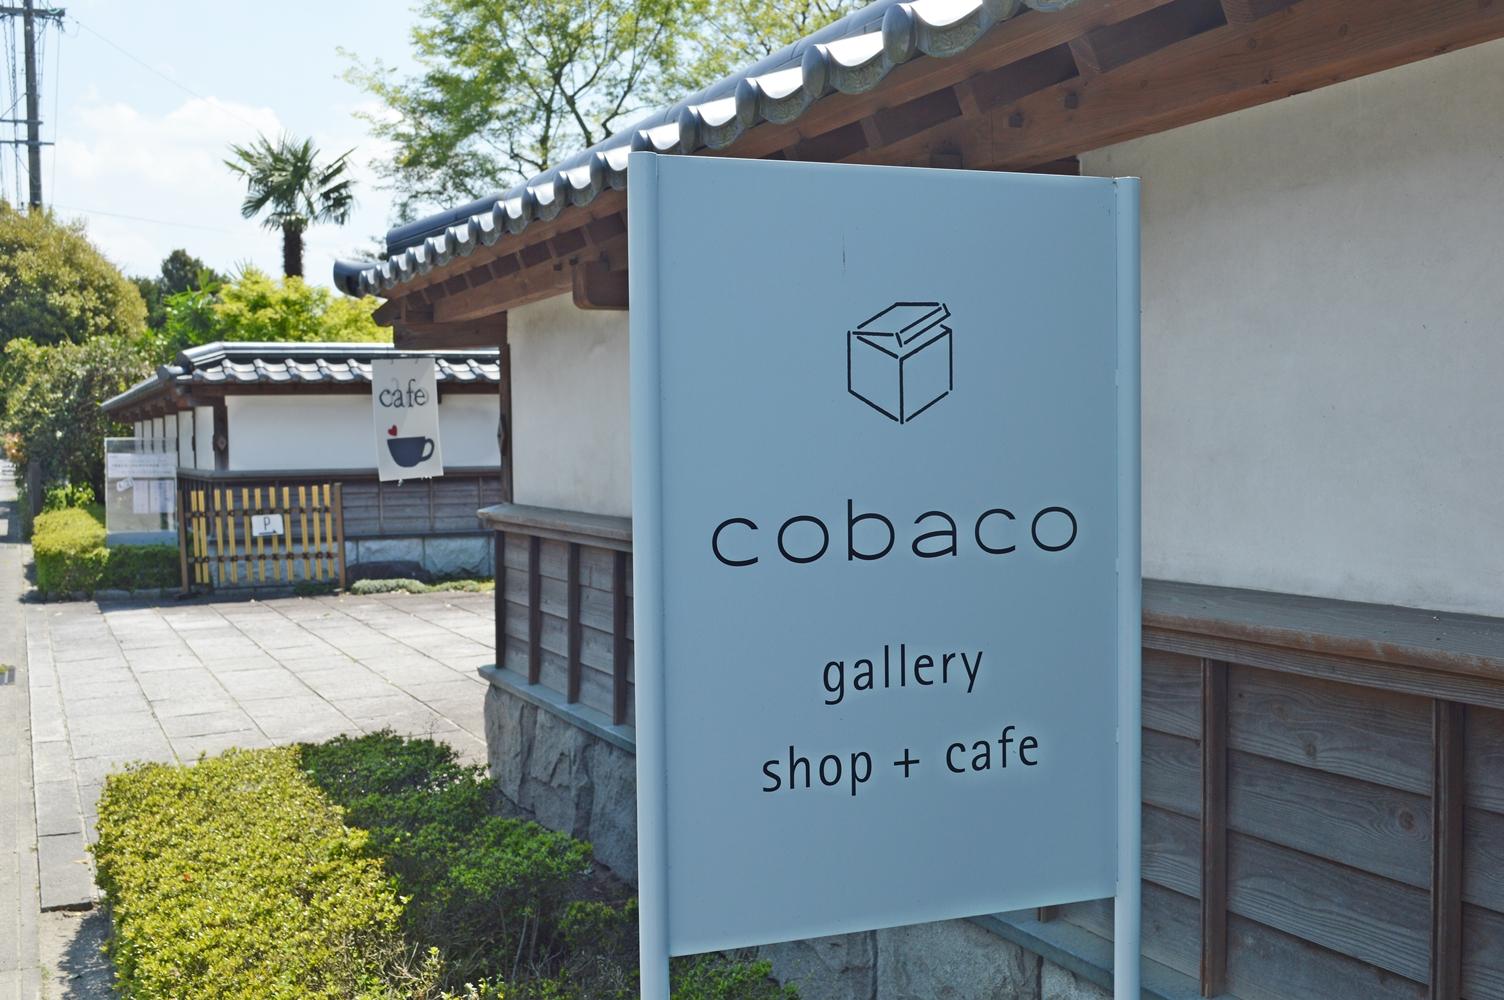 attachment夏秋販売会 in gallery cobaco(2019年6月22日・23日)